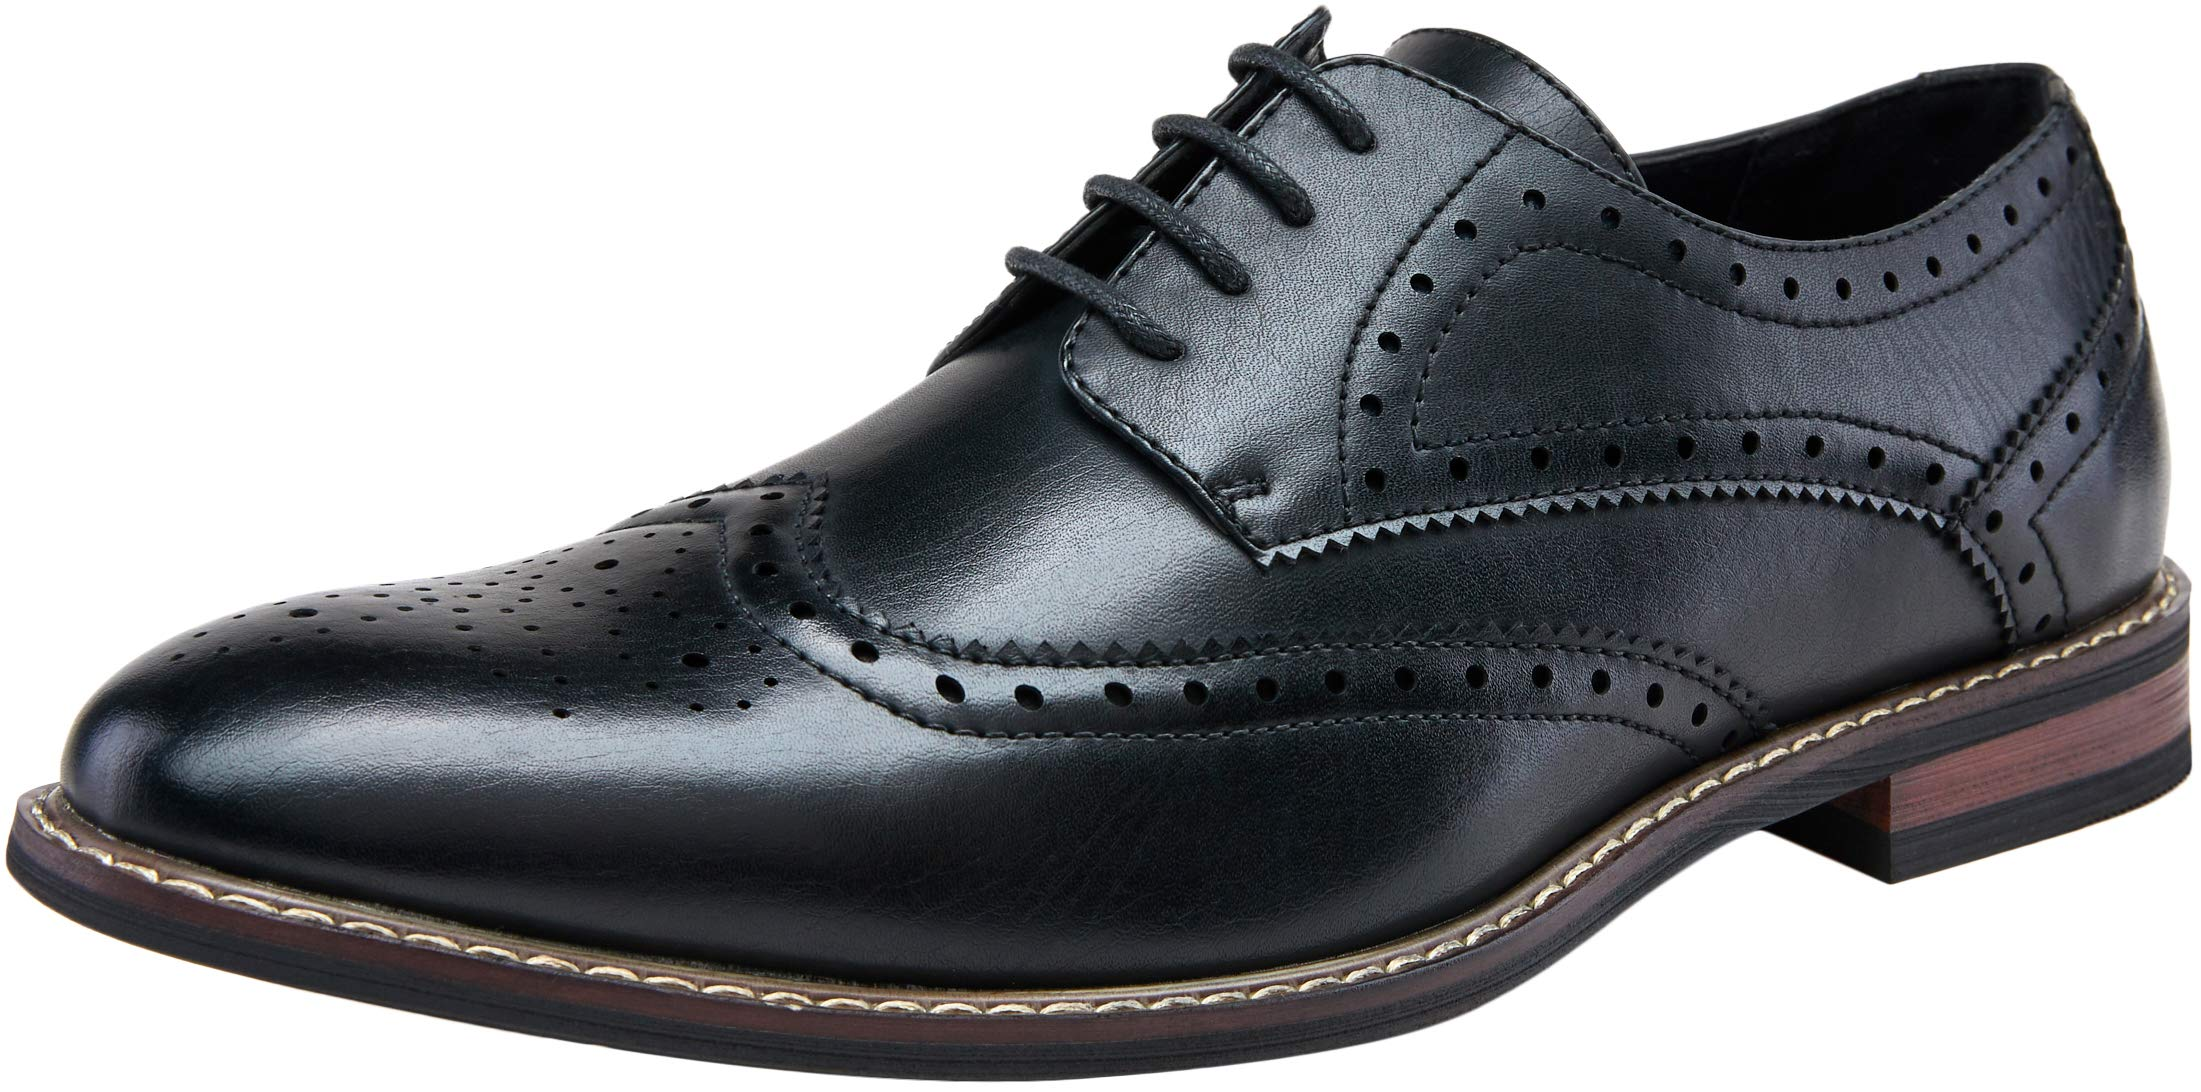 JOUSEN Men's Oxford Formal Dress Shoes Classic Derby Shoes